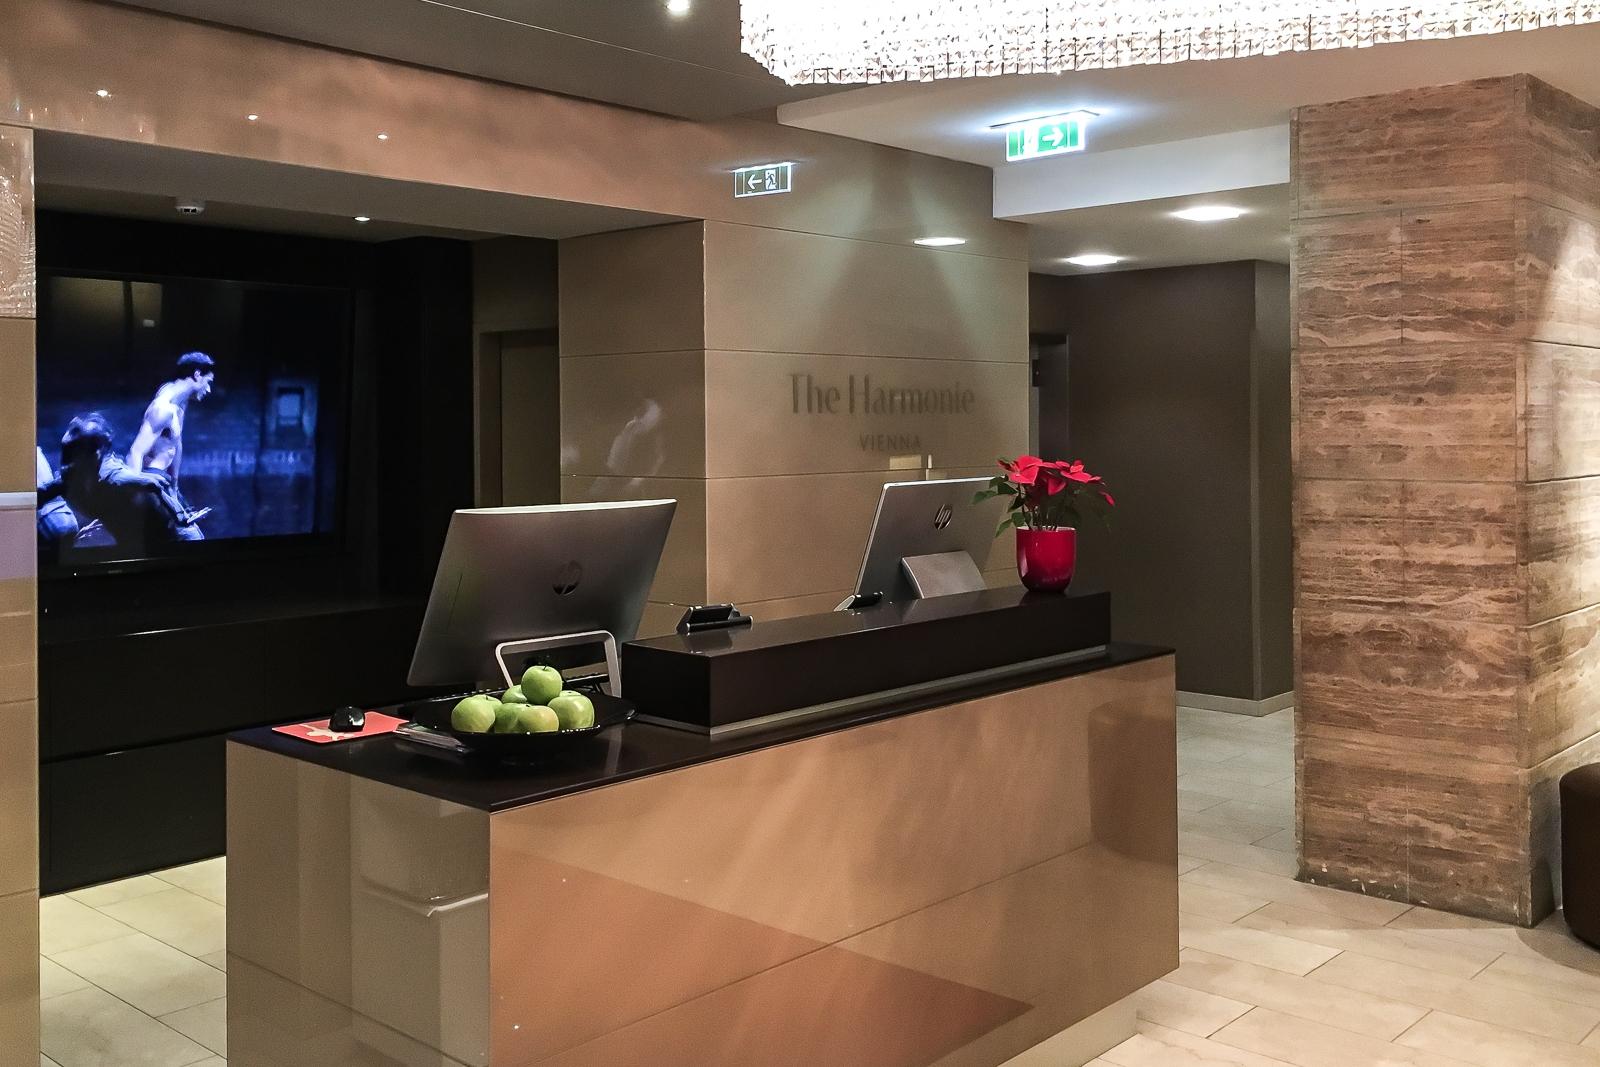 Hotel The Harmonie Vienna - Hotel Review - Hotelbewertung - Hotel in Wien - Hotel Empfehlung - Sightseeing Vienna - Hotel Tipp - Fashionladyloves by Tamara Wagner